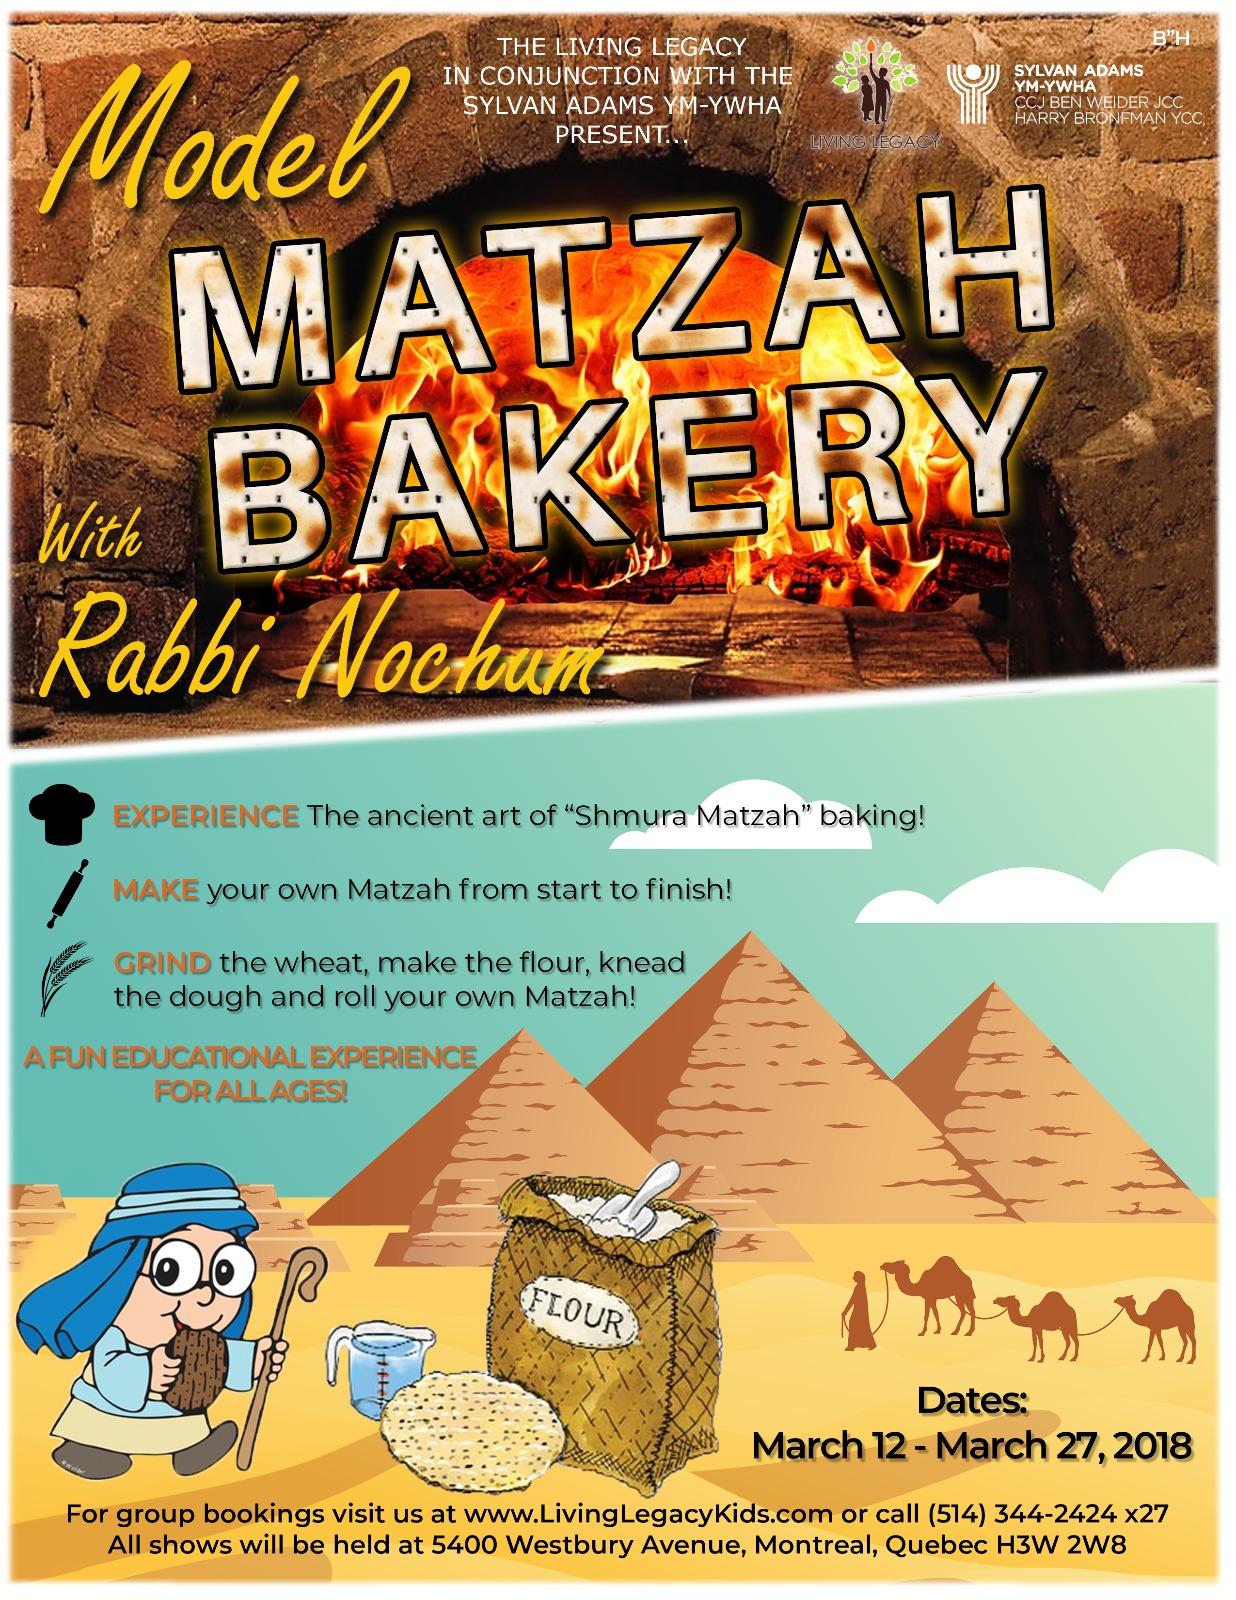 model matza bakery flyer 2018